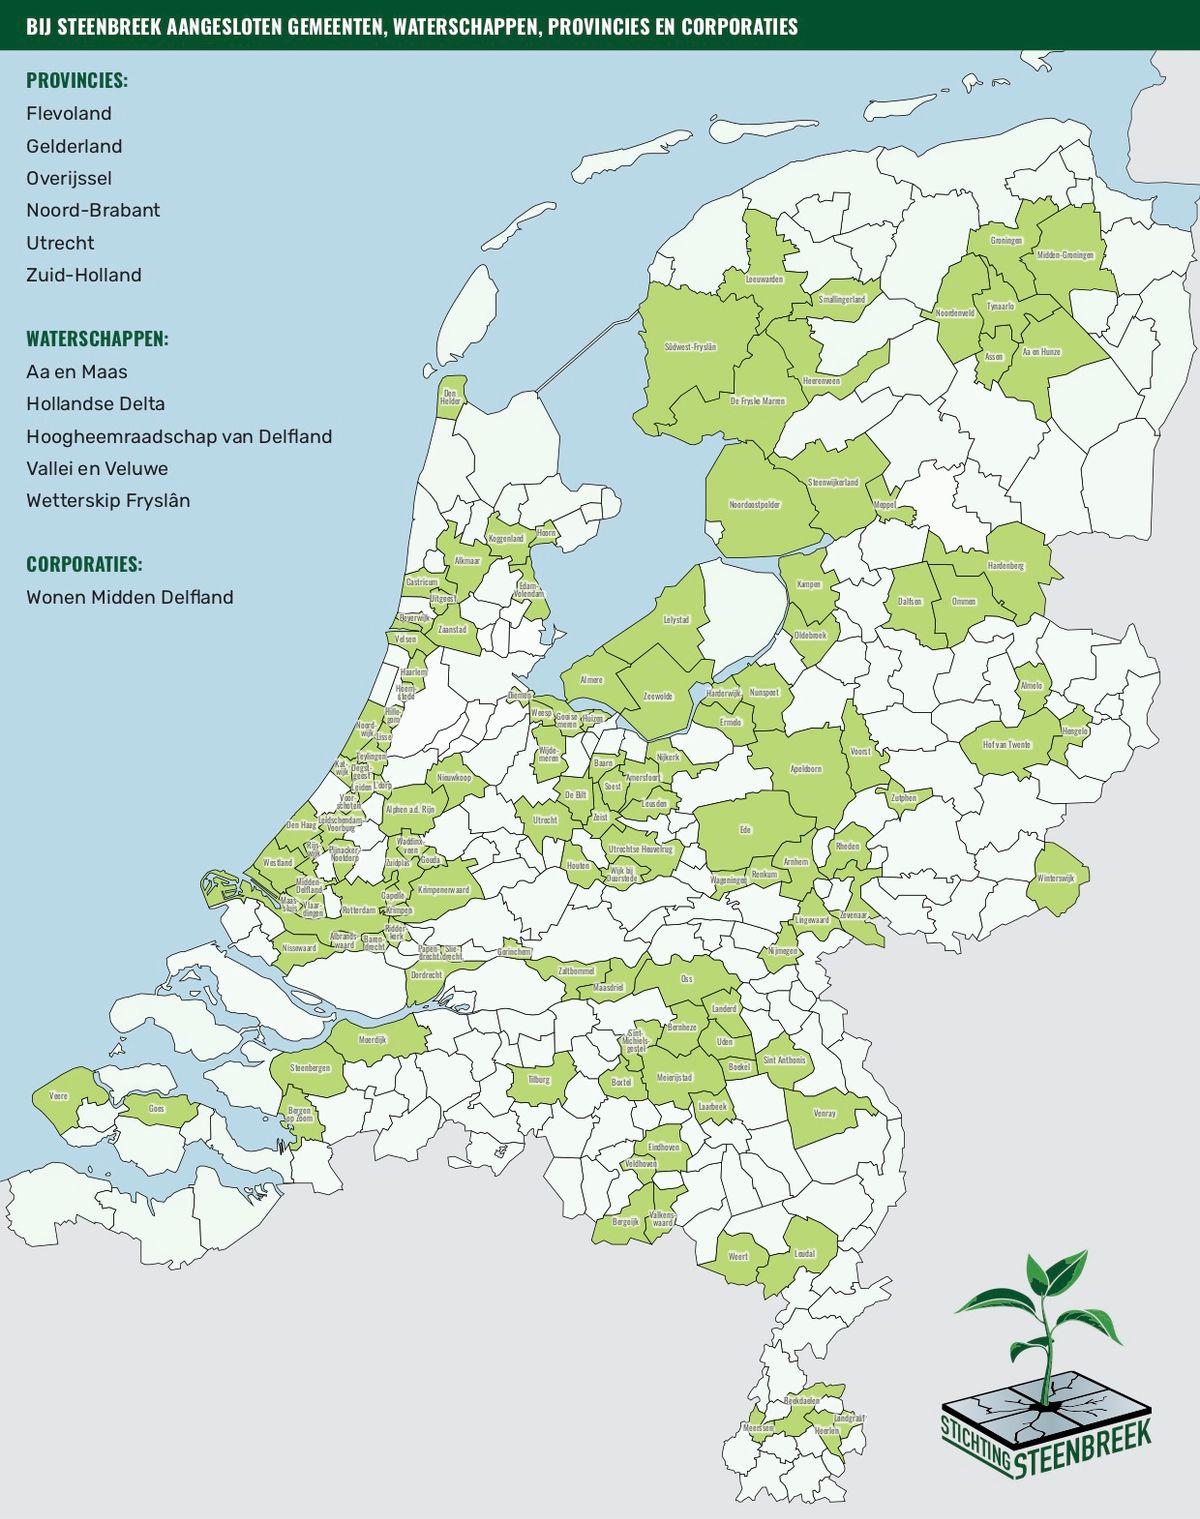 Overzicht van gemeentes die vergroenen dankzij Steenbreek